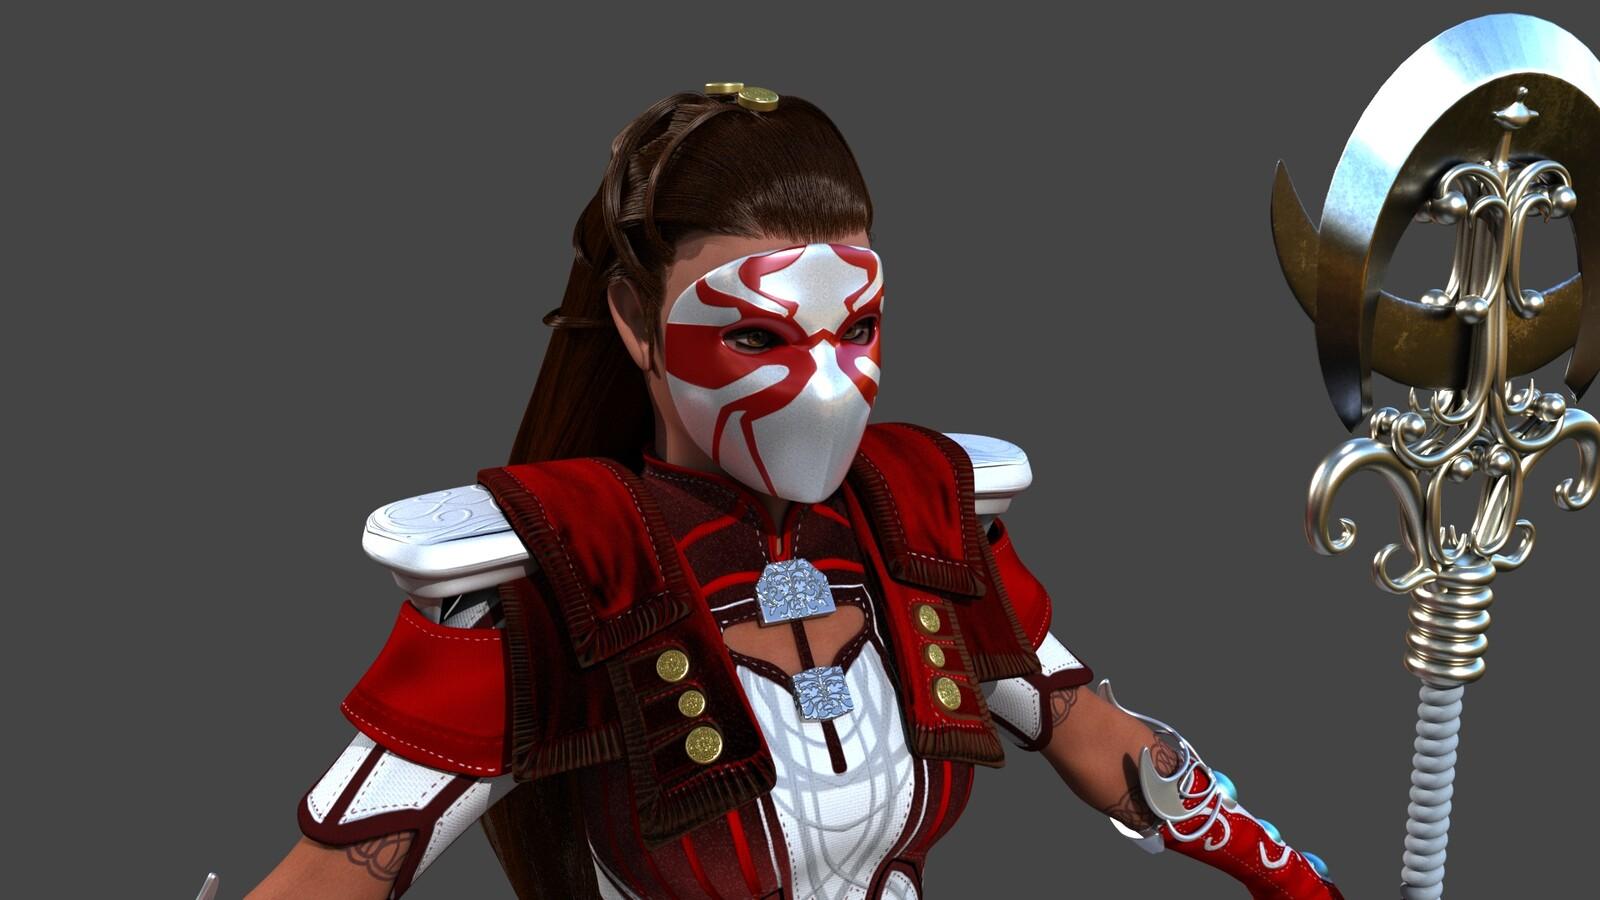 Guild Wars 2 Red Elementalist